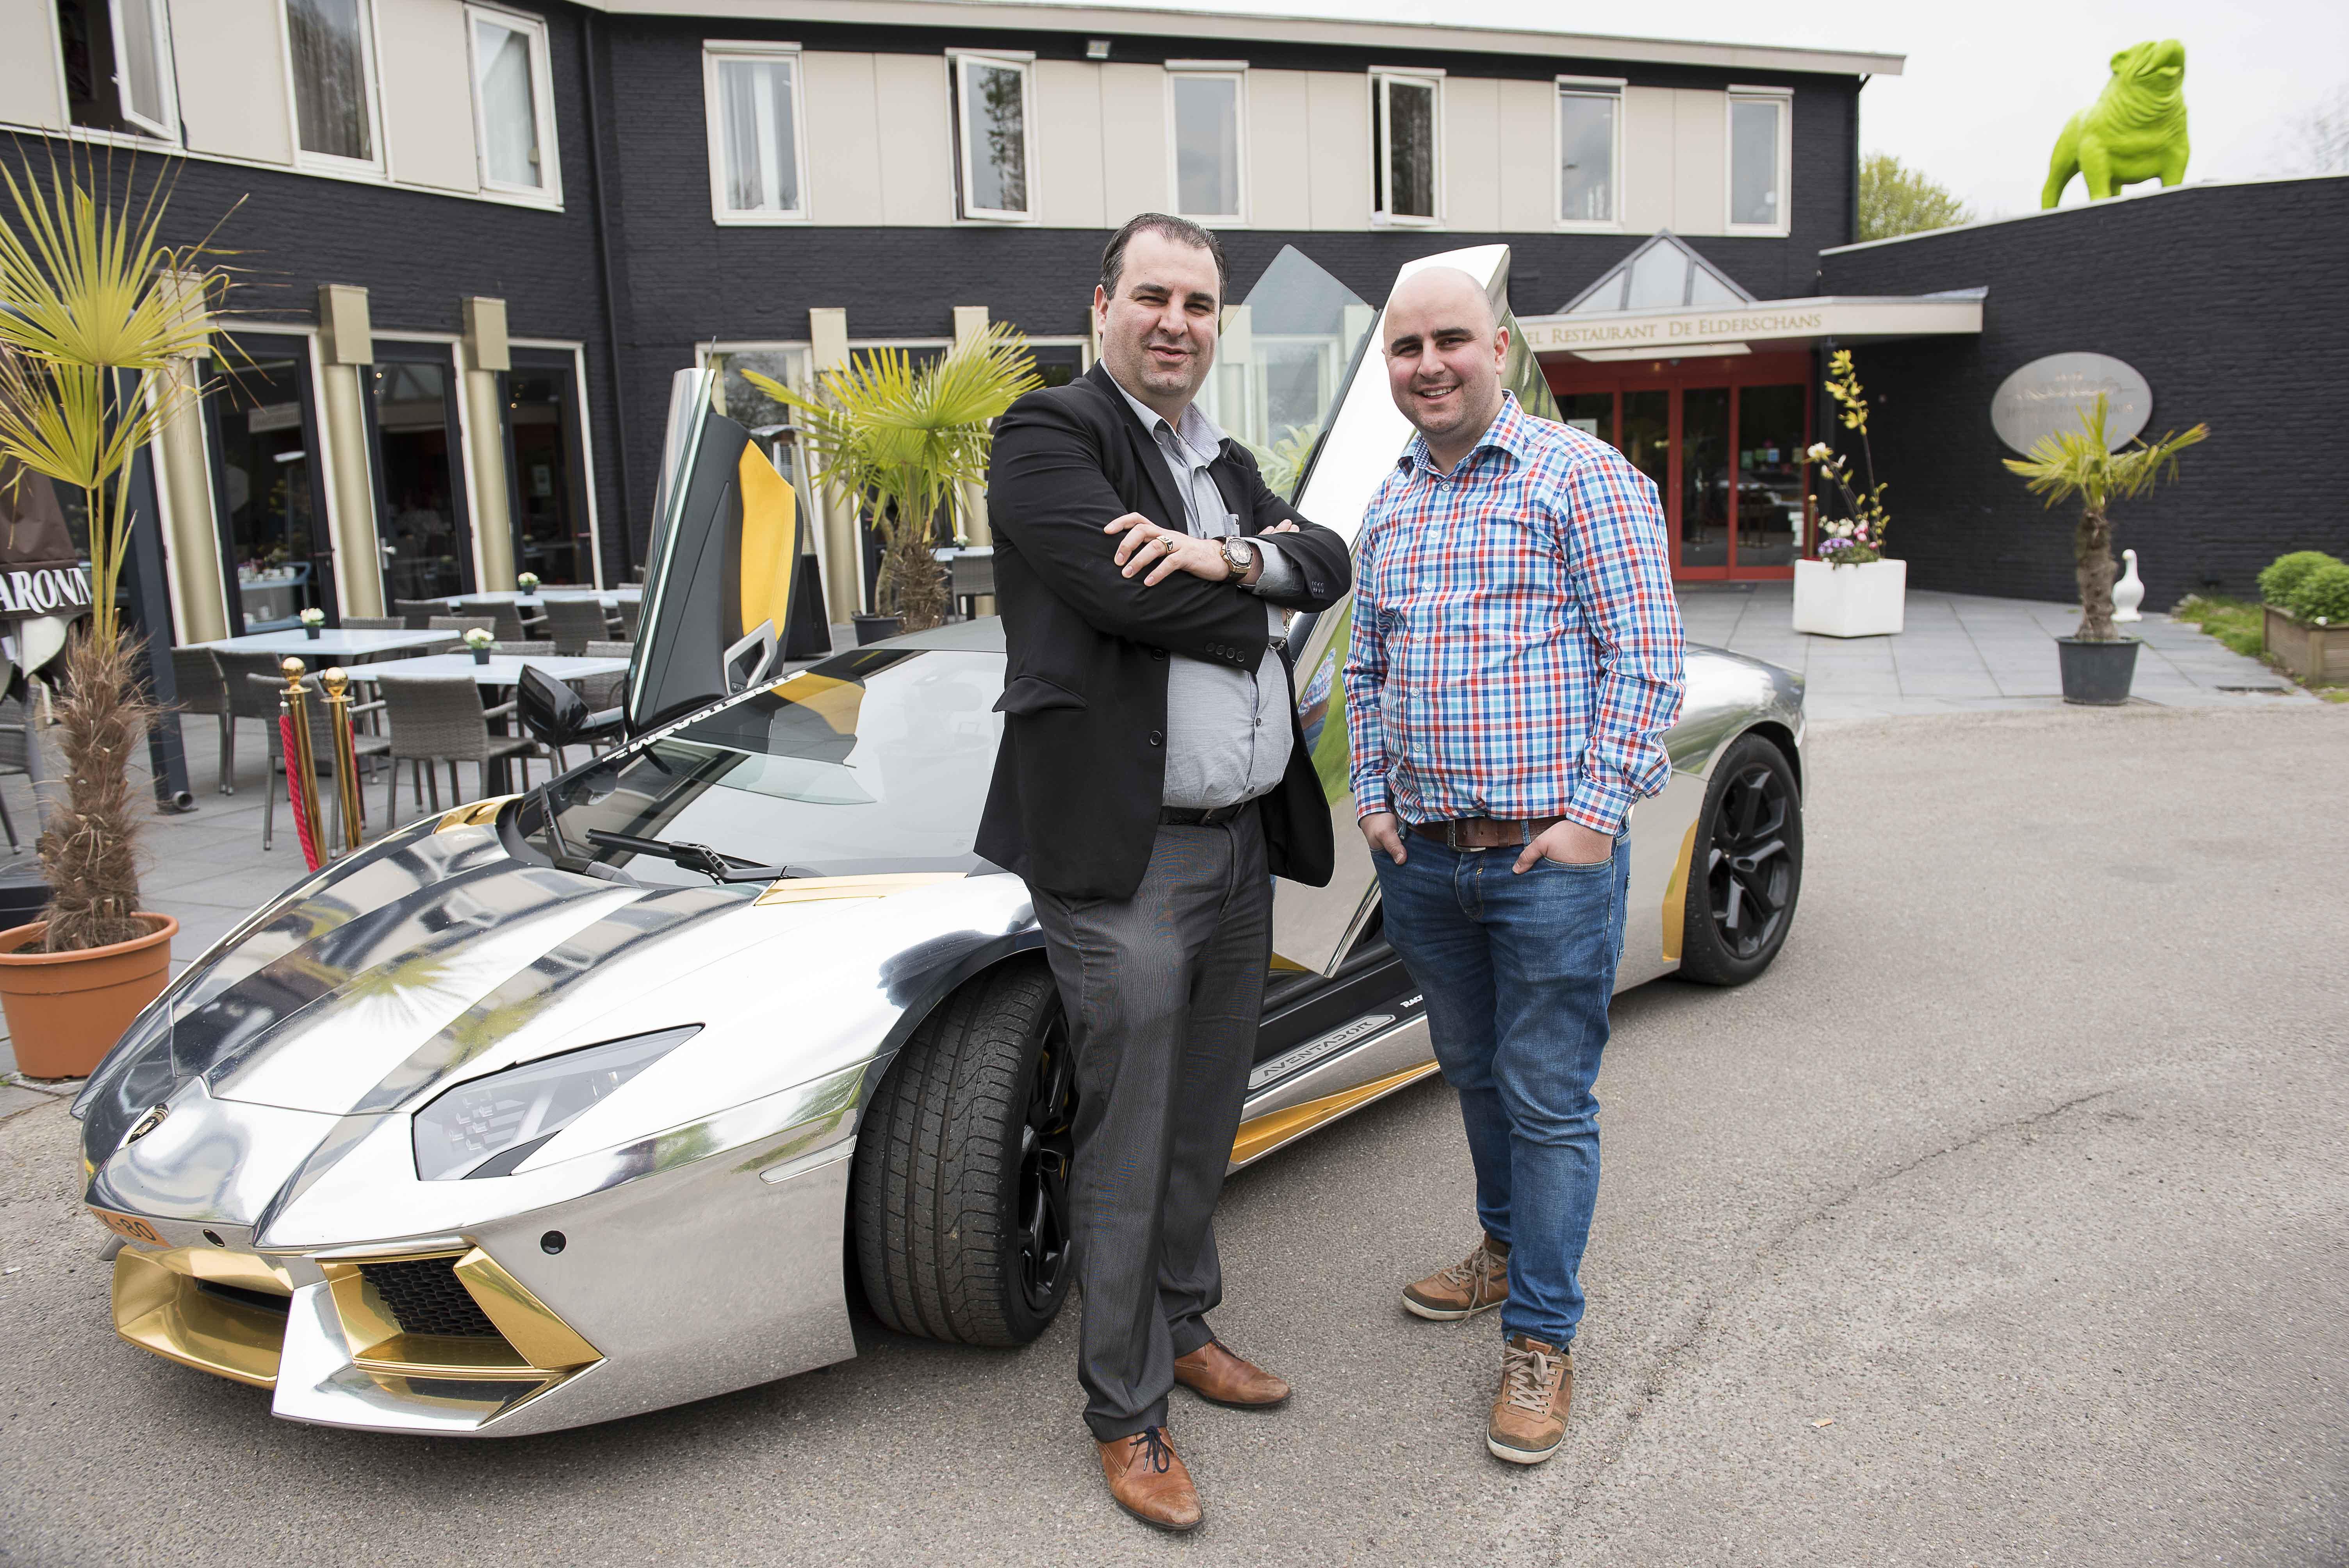 De Iraanse broers Azimi, Salar en Sasan (r), de nieuwe eigenaars van de Bredase partyboot. Hier poseren ze met hun Lamborghini voor hun hotel in Aardenburg